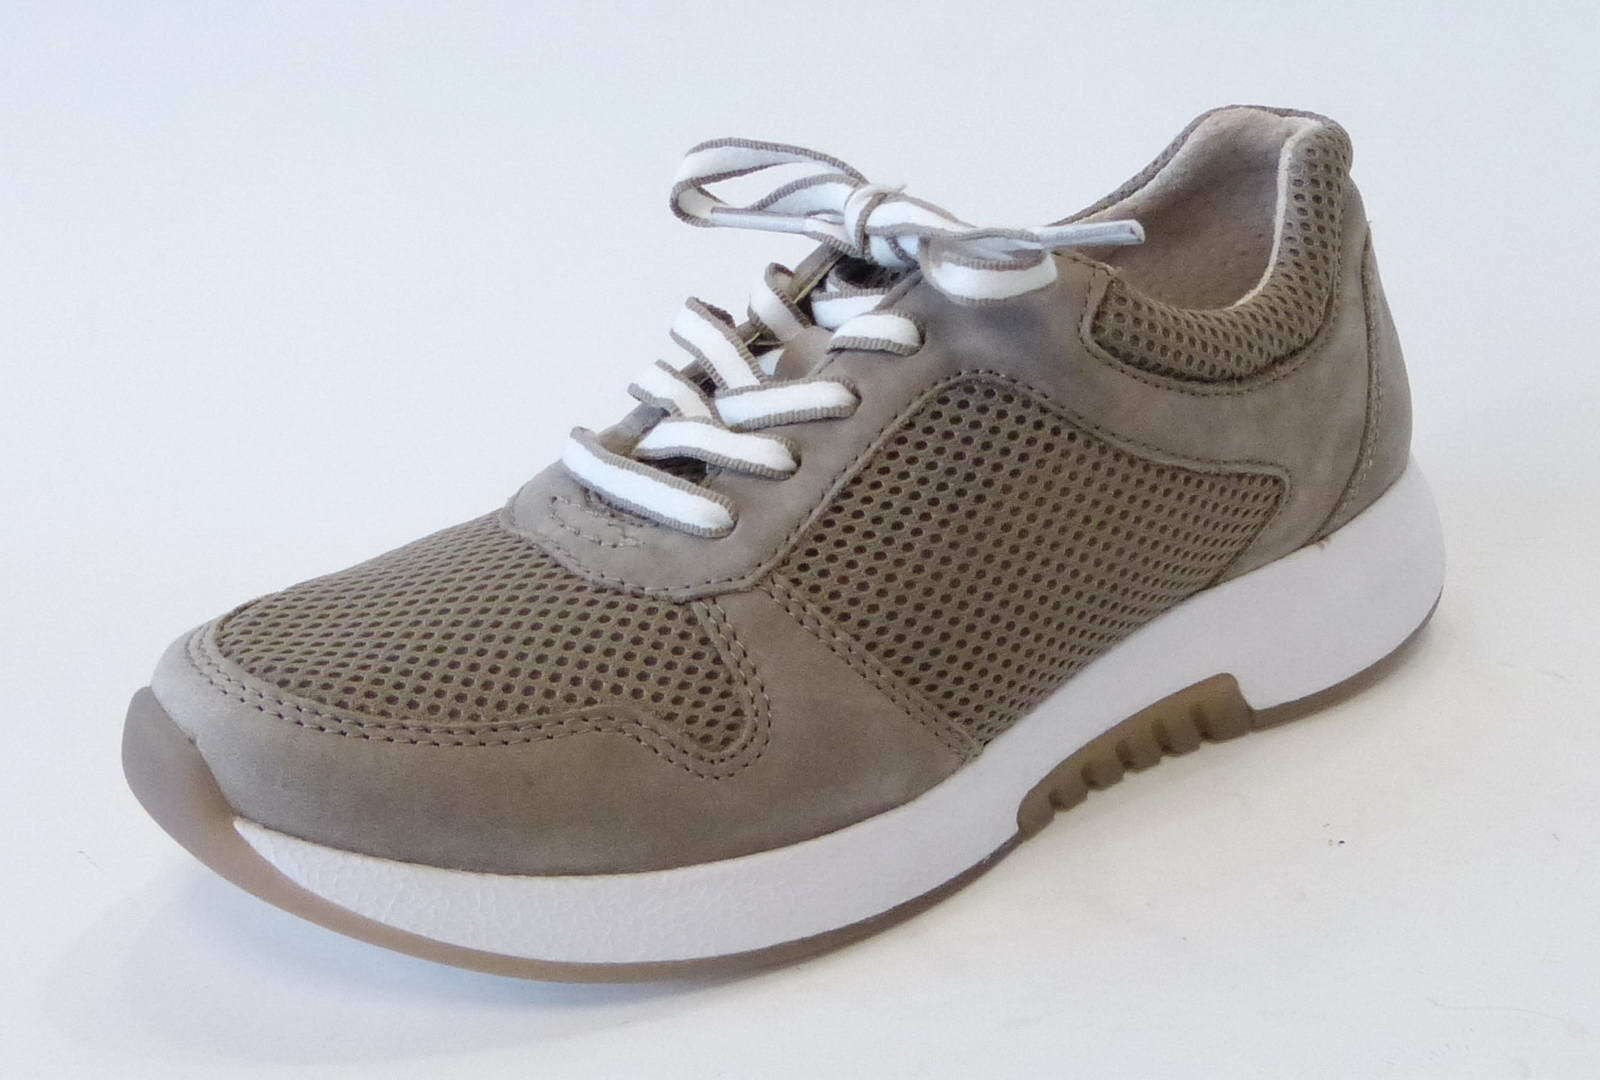 Gabor Comfort Comfort Comfort scarpe da ginnastica 946 33 VISONE BEIGE NABUK PELLE ROLING Soft mesh c8c885